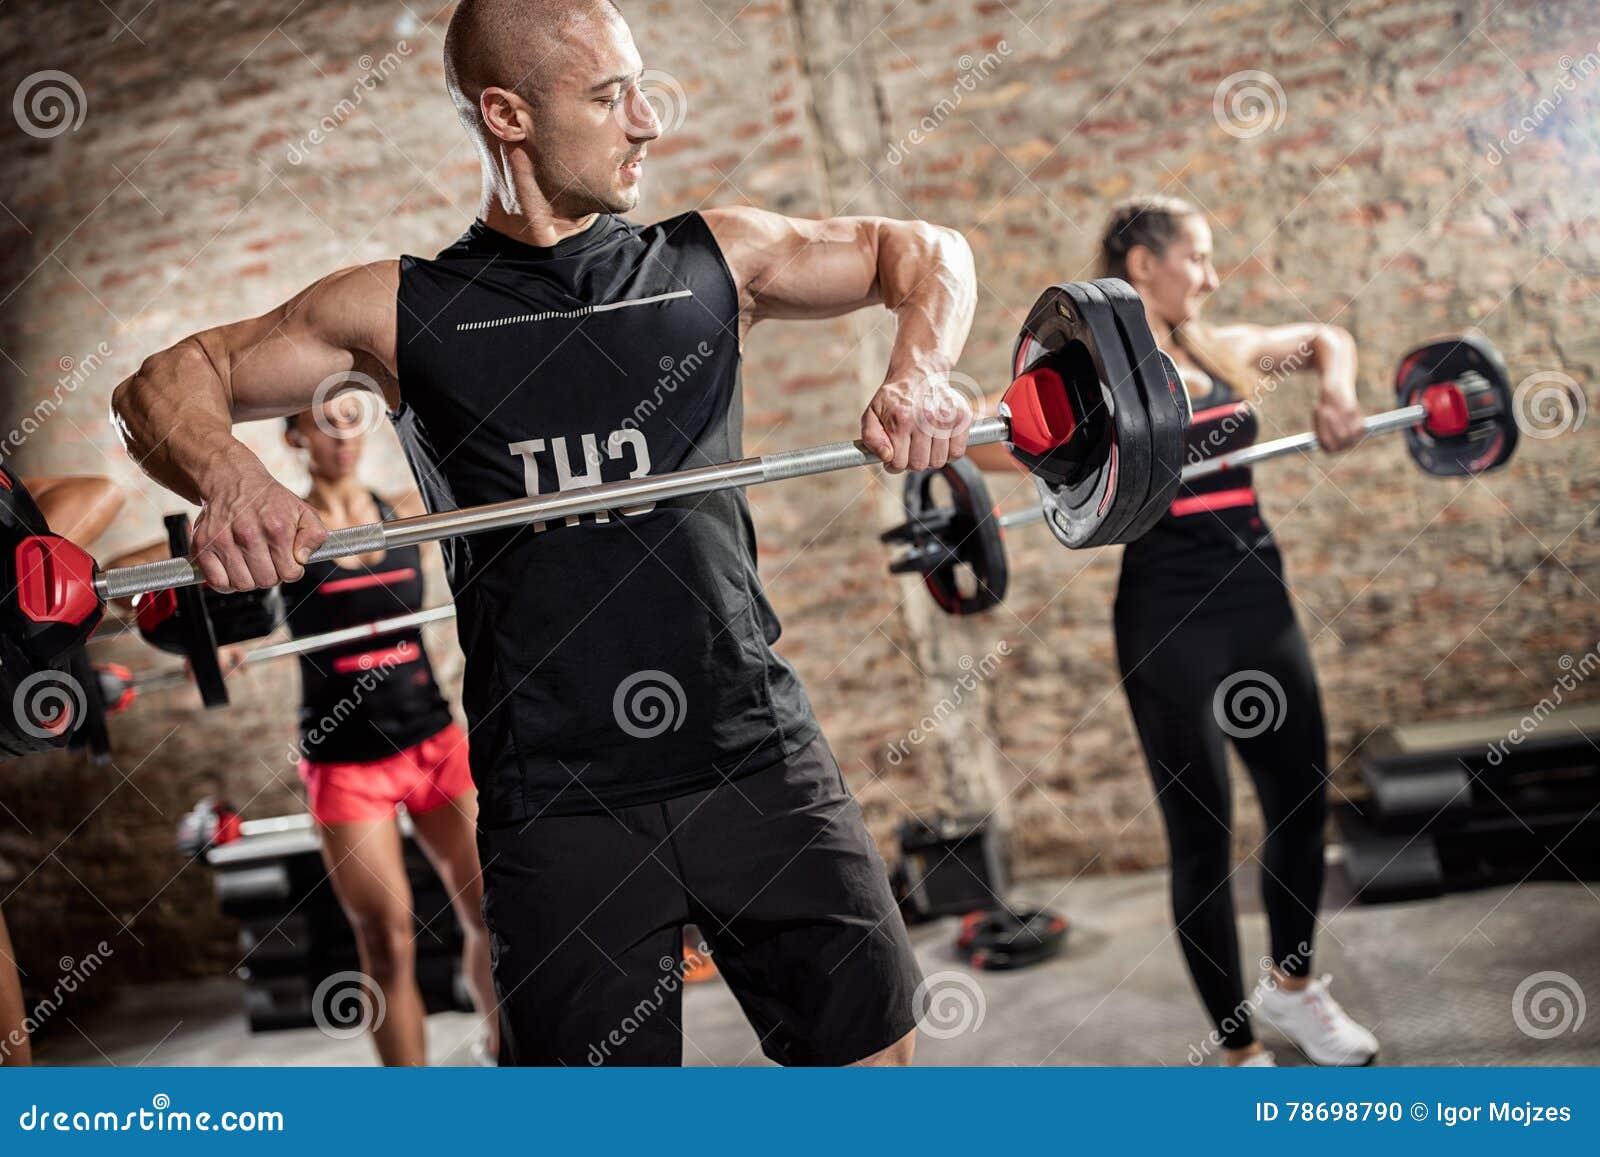 Teamtraining met gewichten